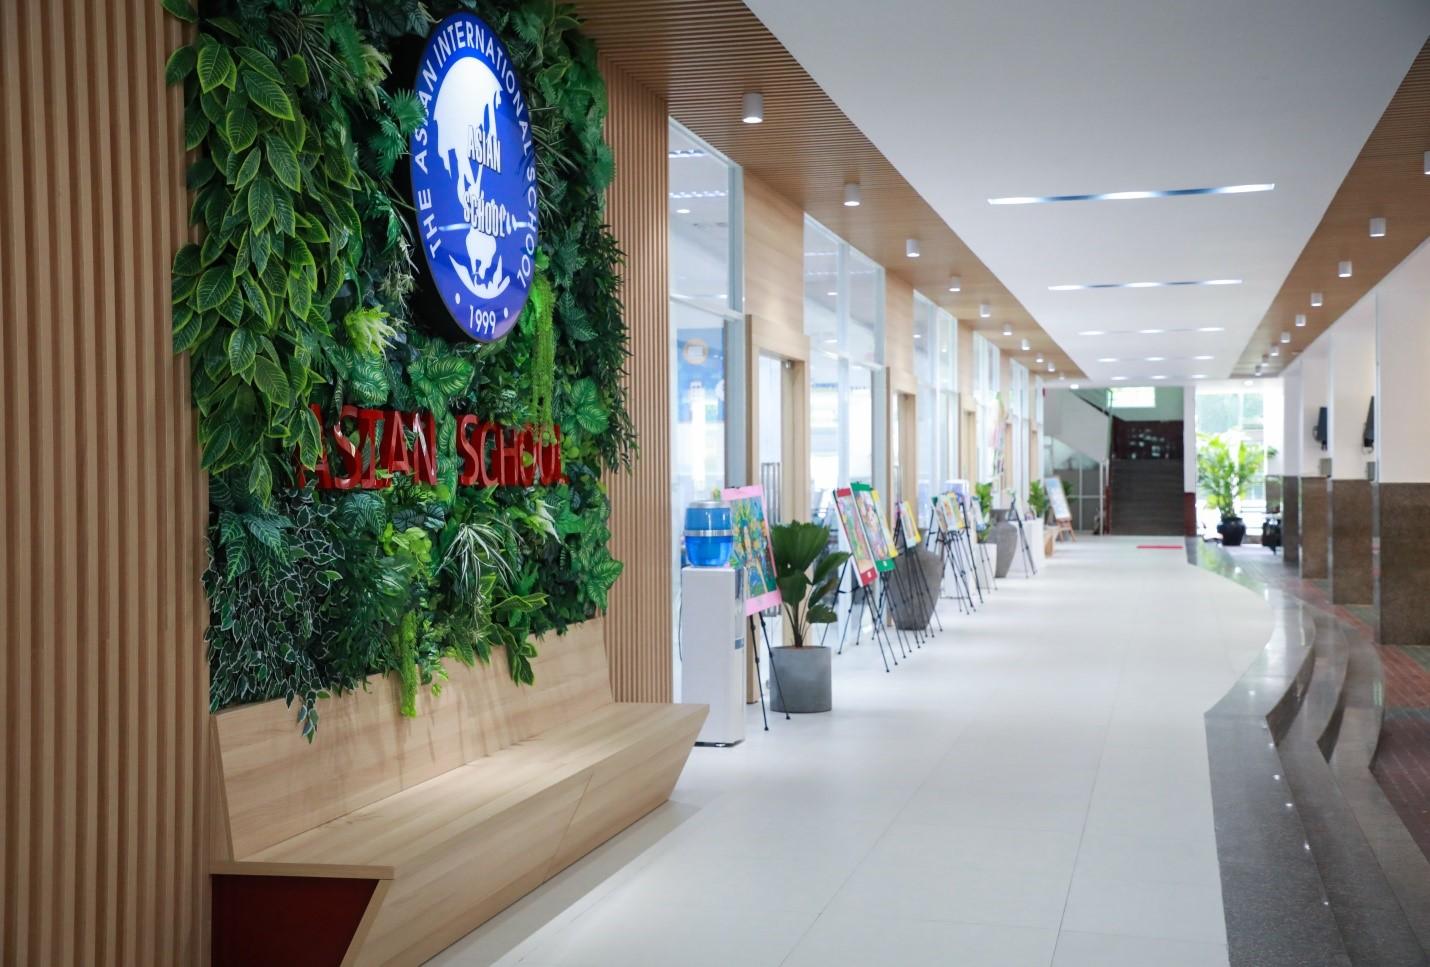 Một góc không gian của Asian School với cơ sở vật chất khang trang.